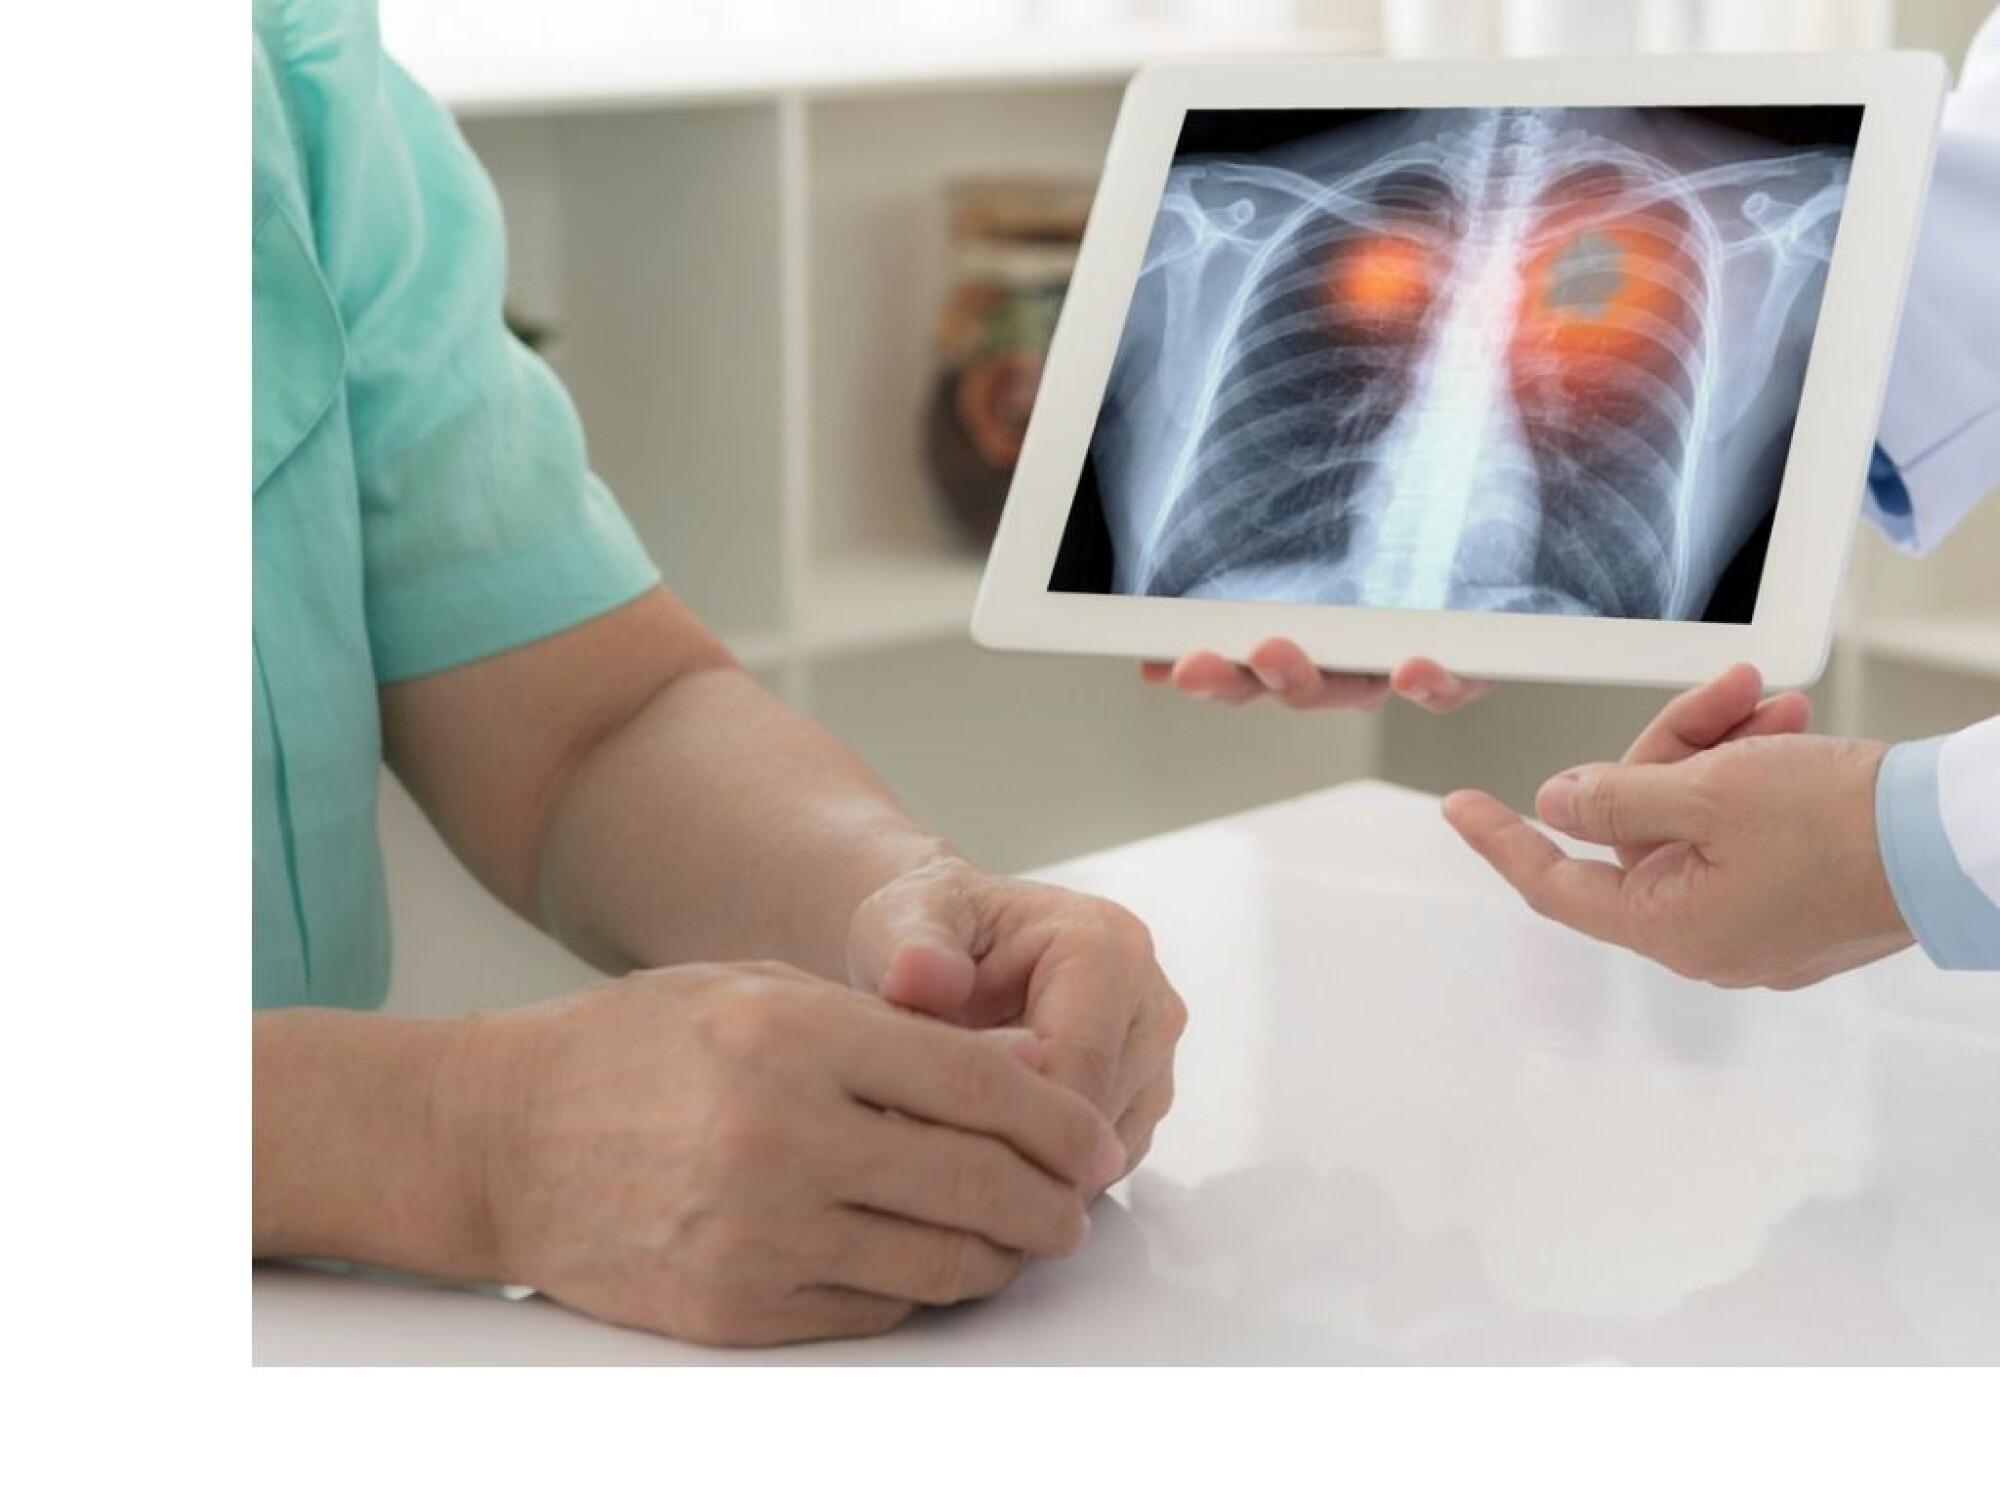 cum să faci cancerul pulmonar rapid urmărește bitcoin